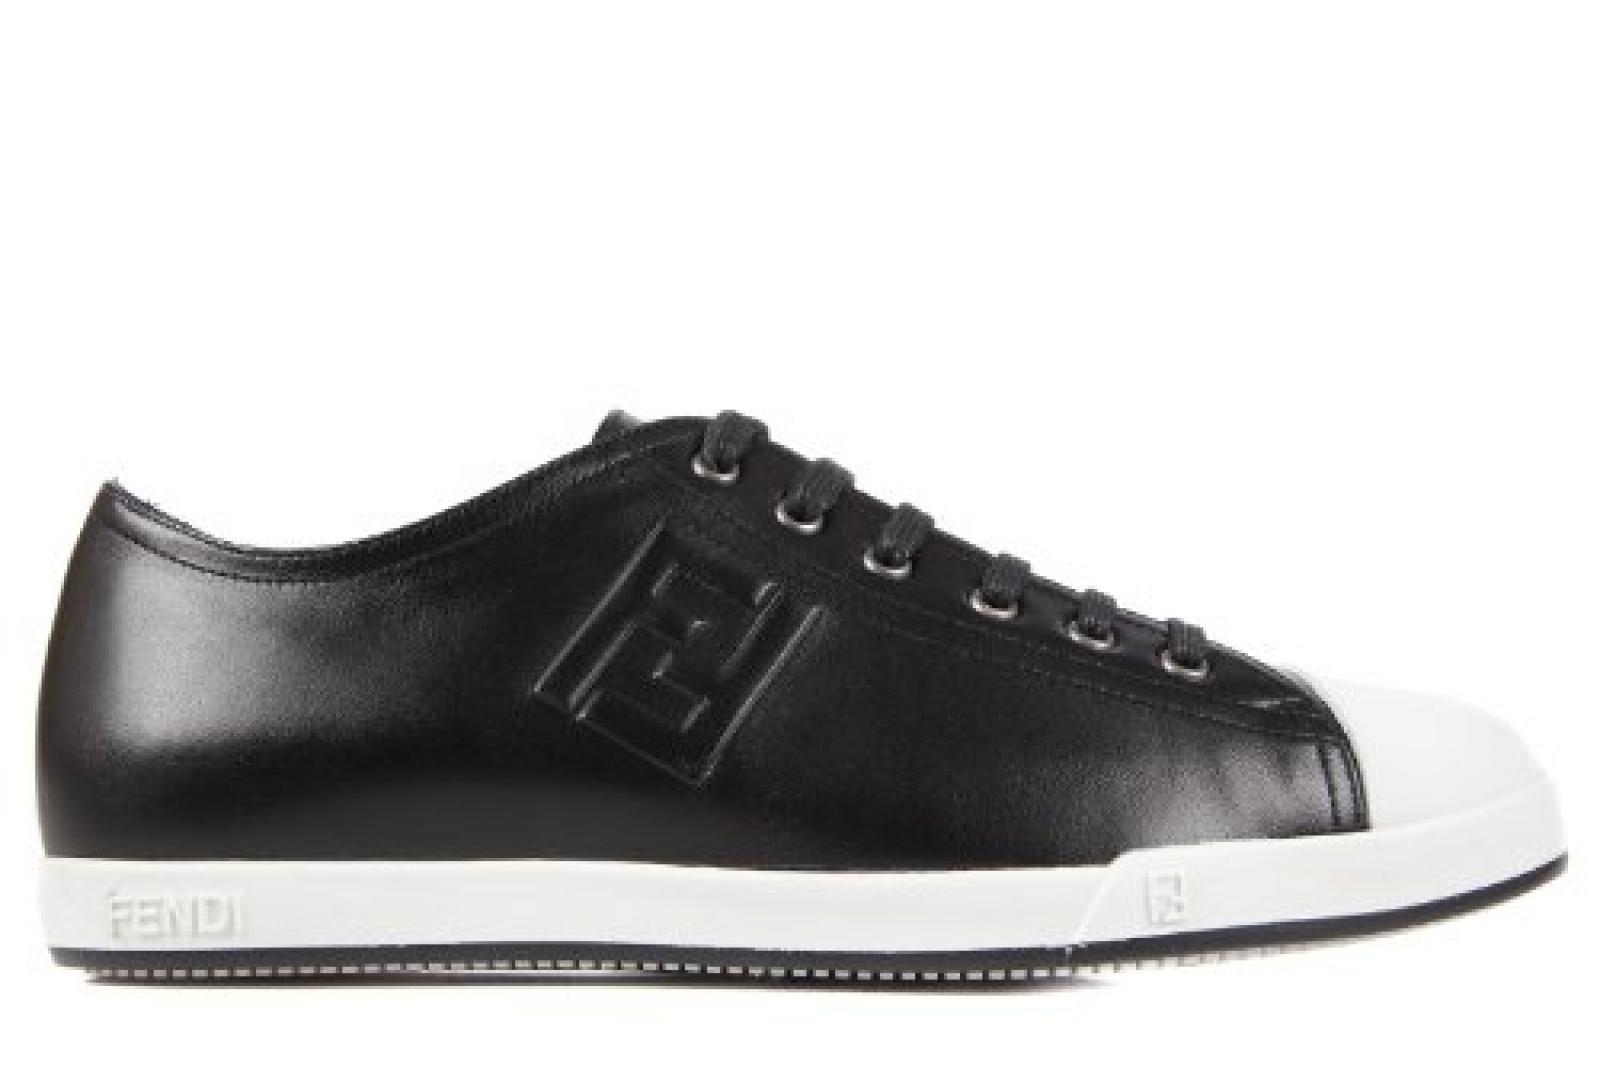 Fendi Herrenschuhe Herren Leder Schuhe Sneakers Schwarz